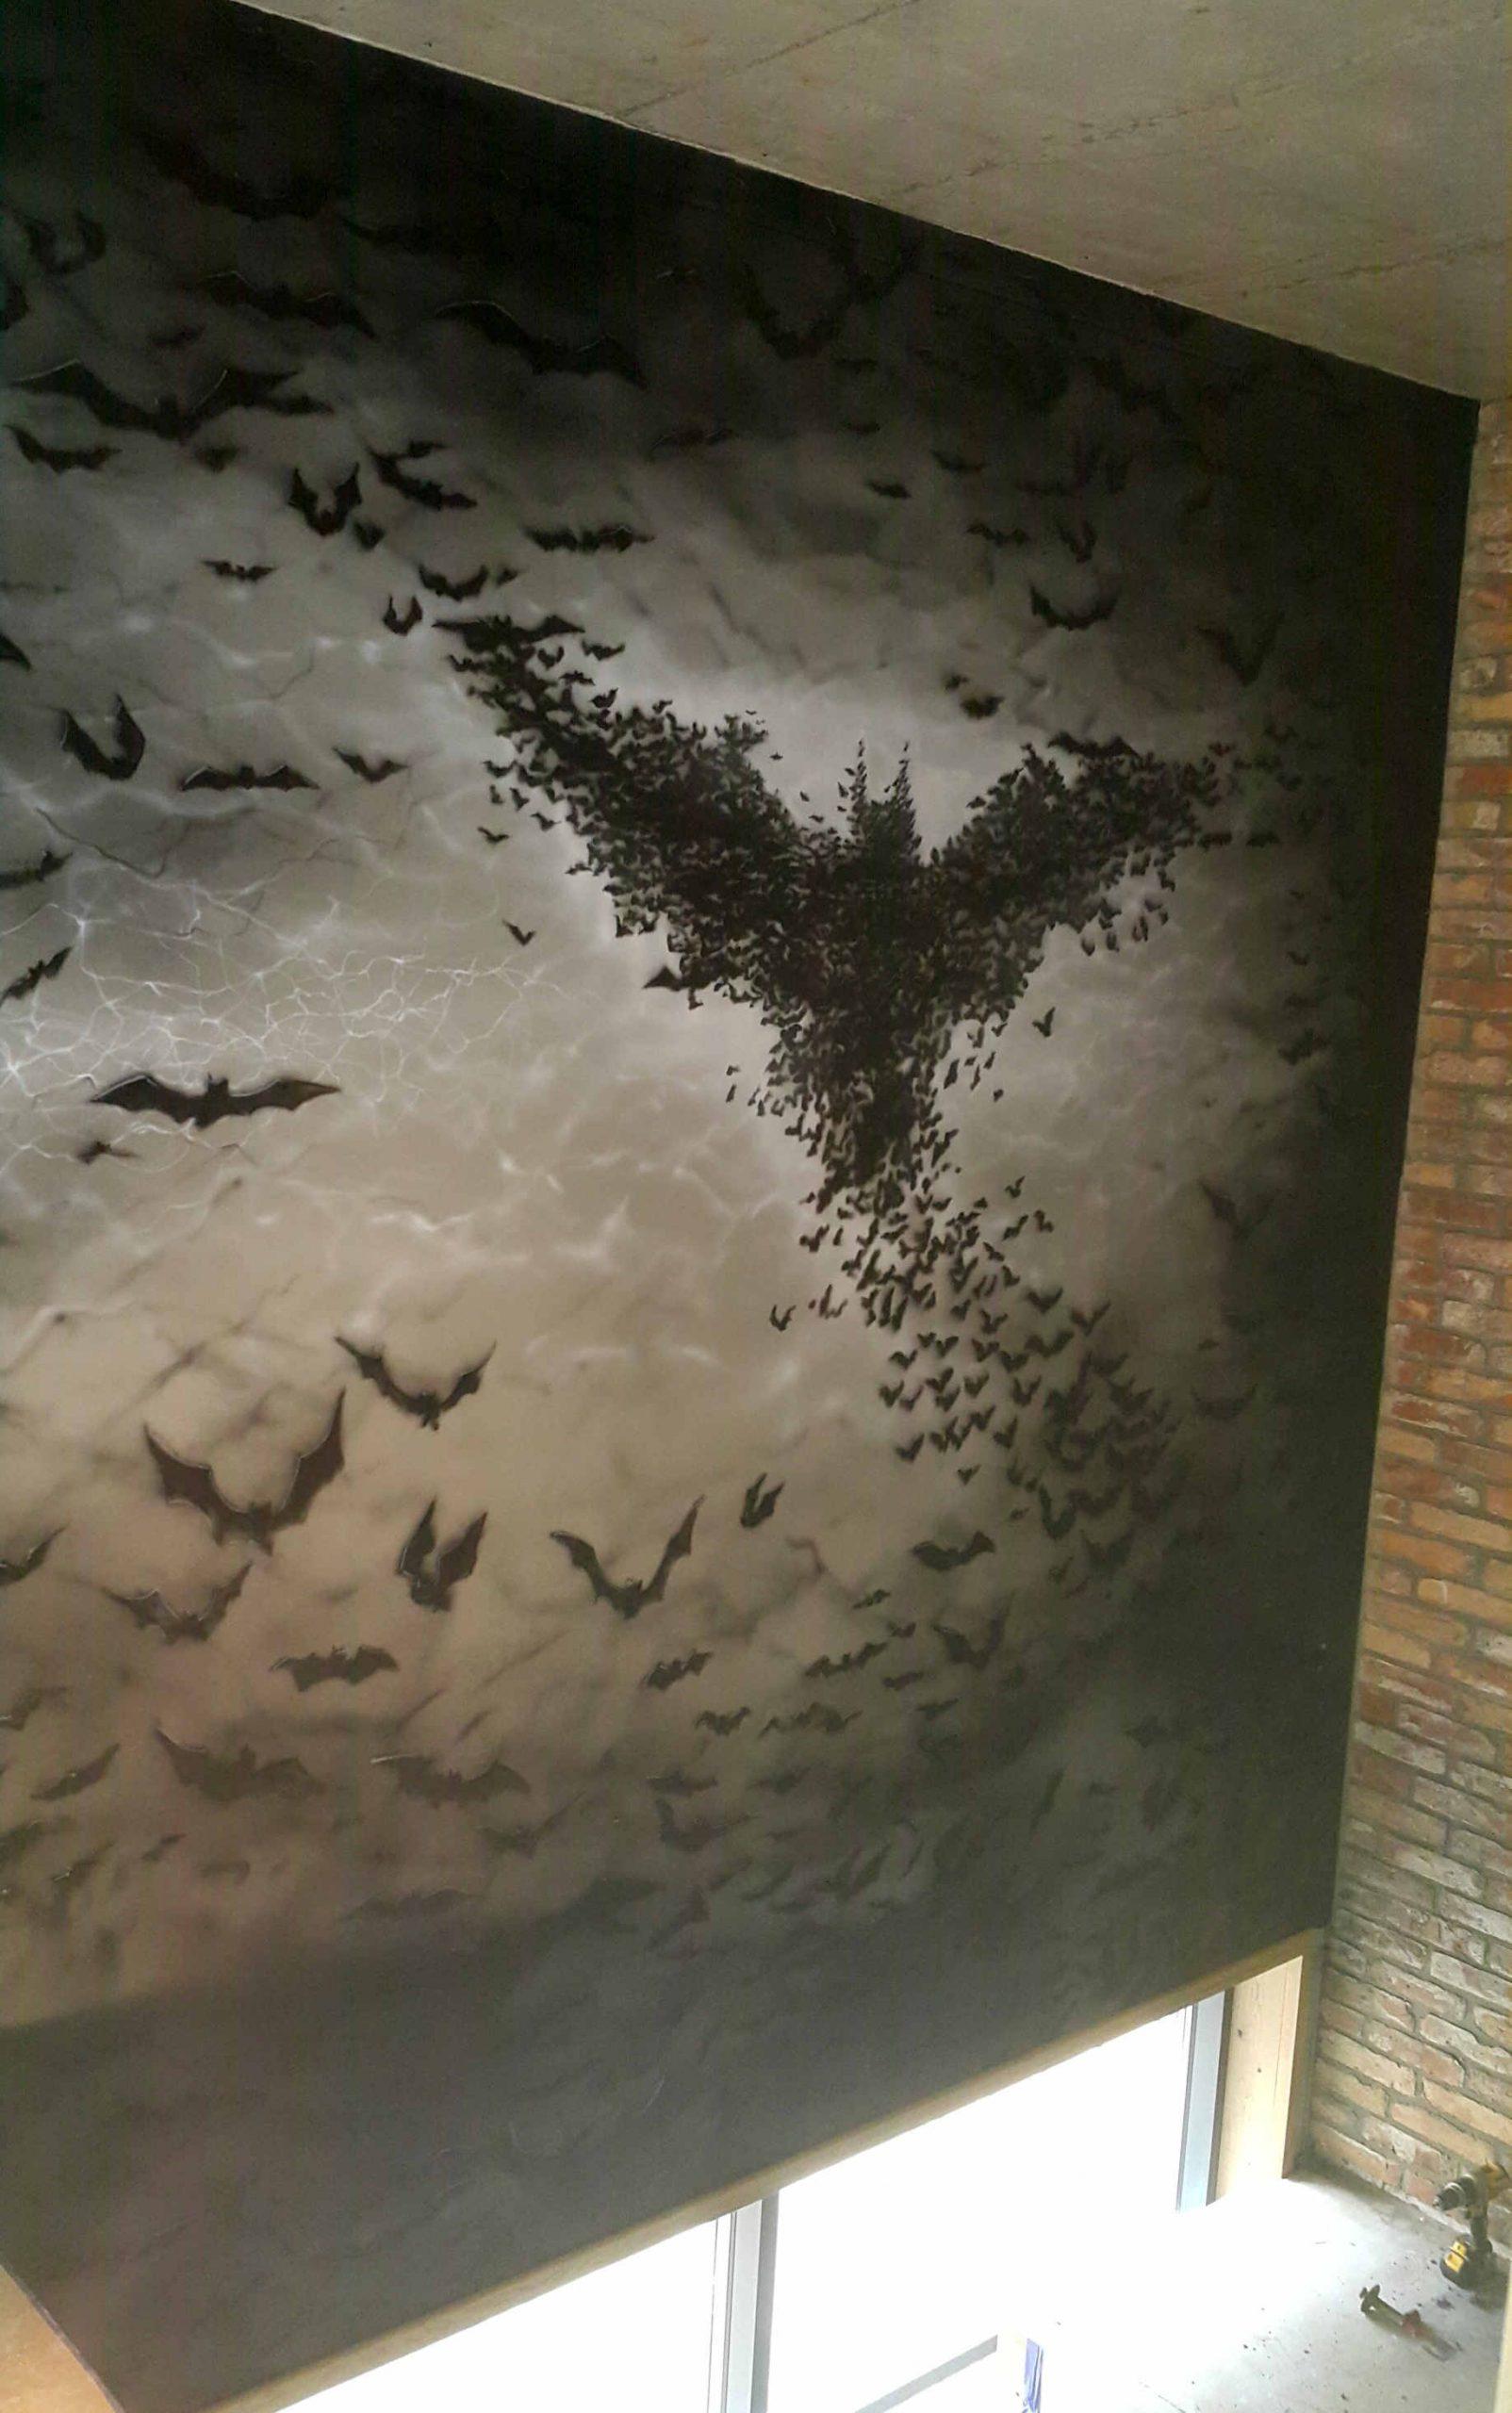 Ciekawa koncepcja wystroju klatki schodowej, mroczny mural w szarosciach